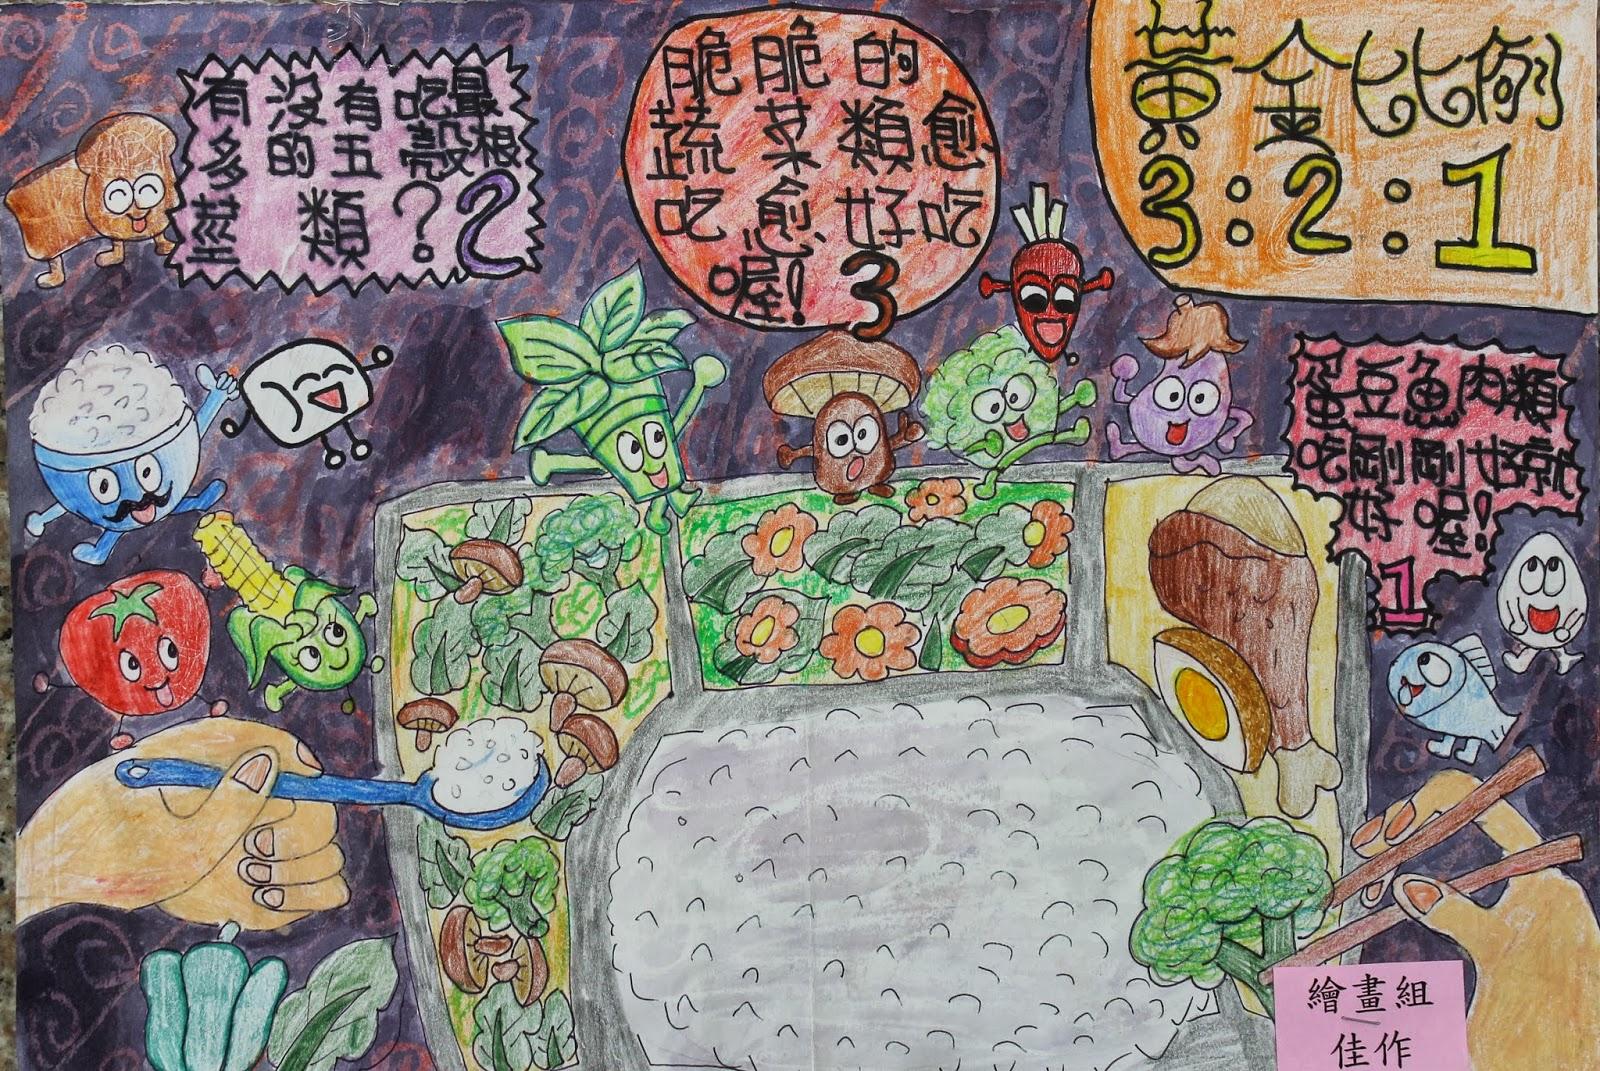 順天國小午餐營養教育網: 102學年度午餐教育藝文比賽-五年級繪畫組